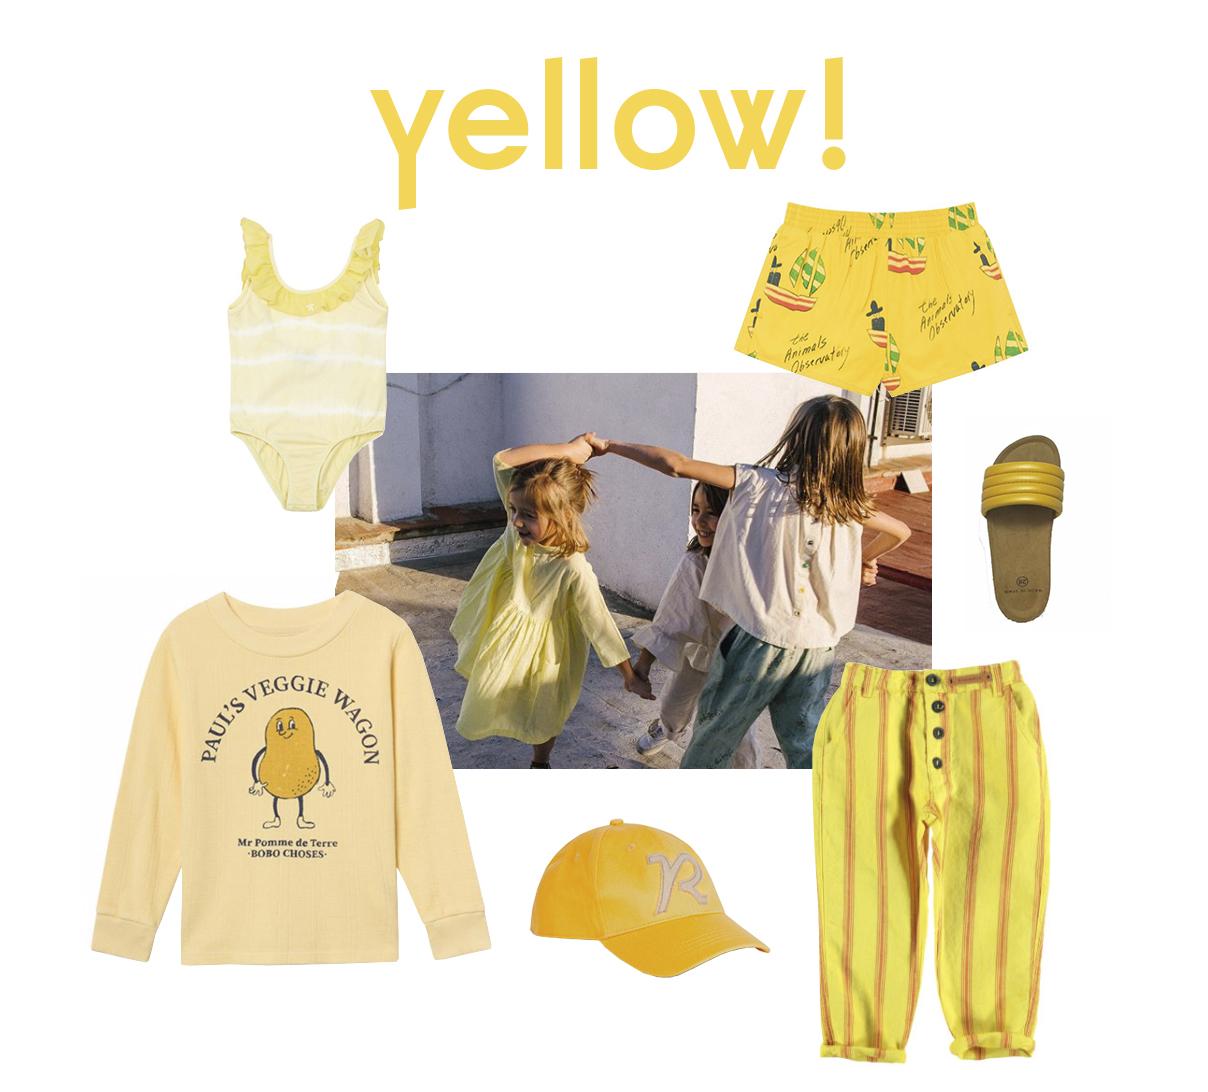 yellow!.jpg